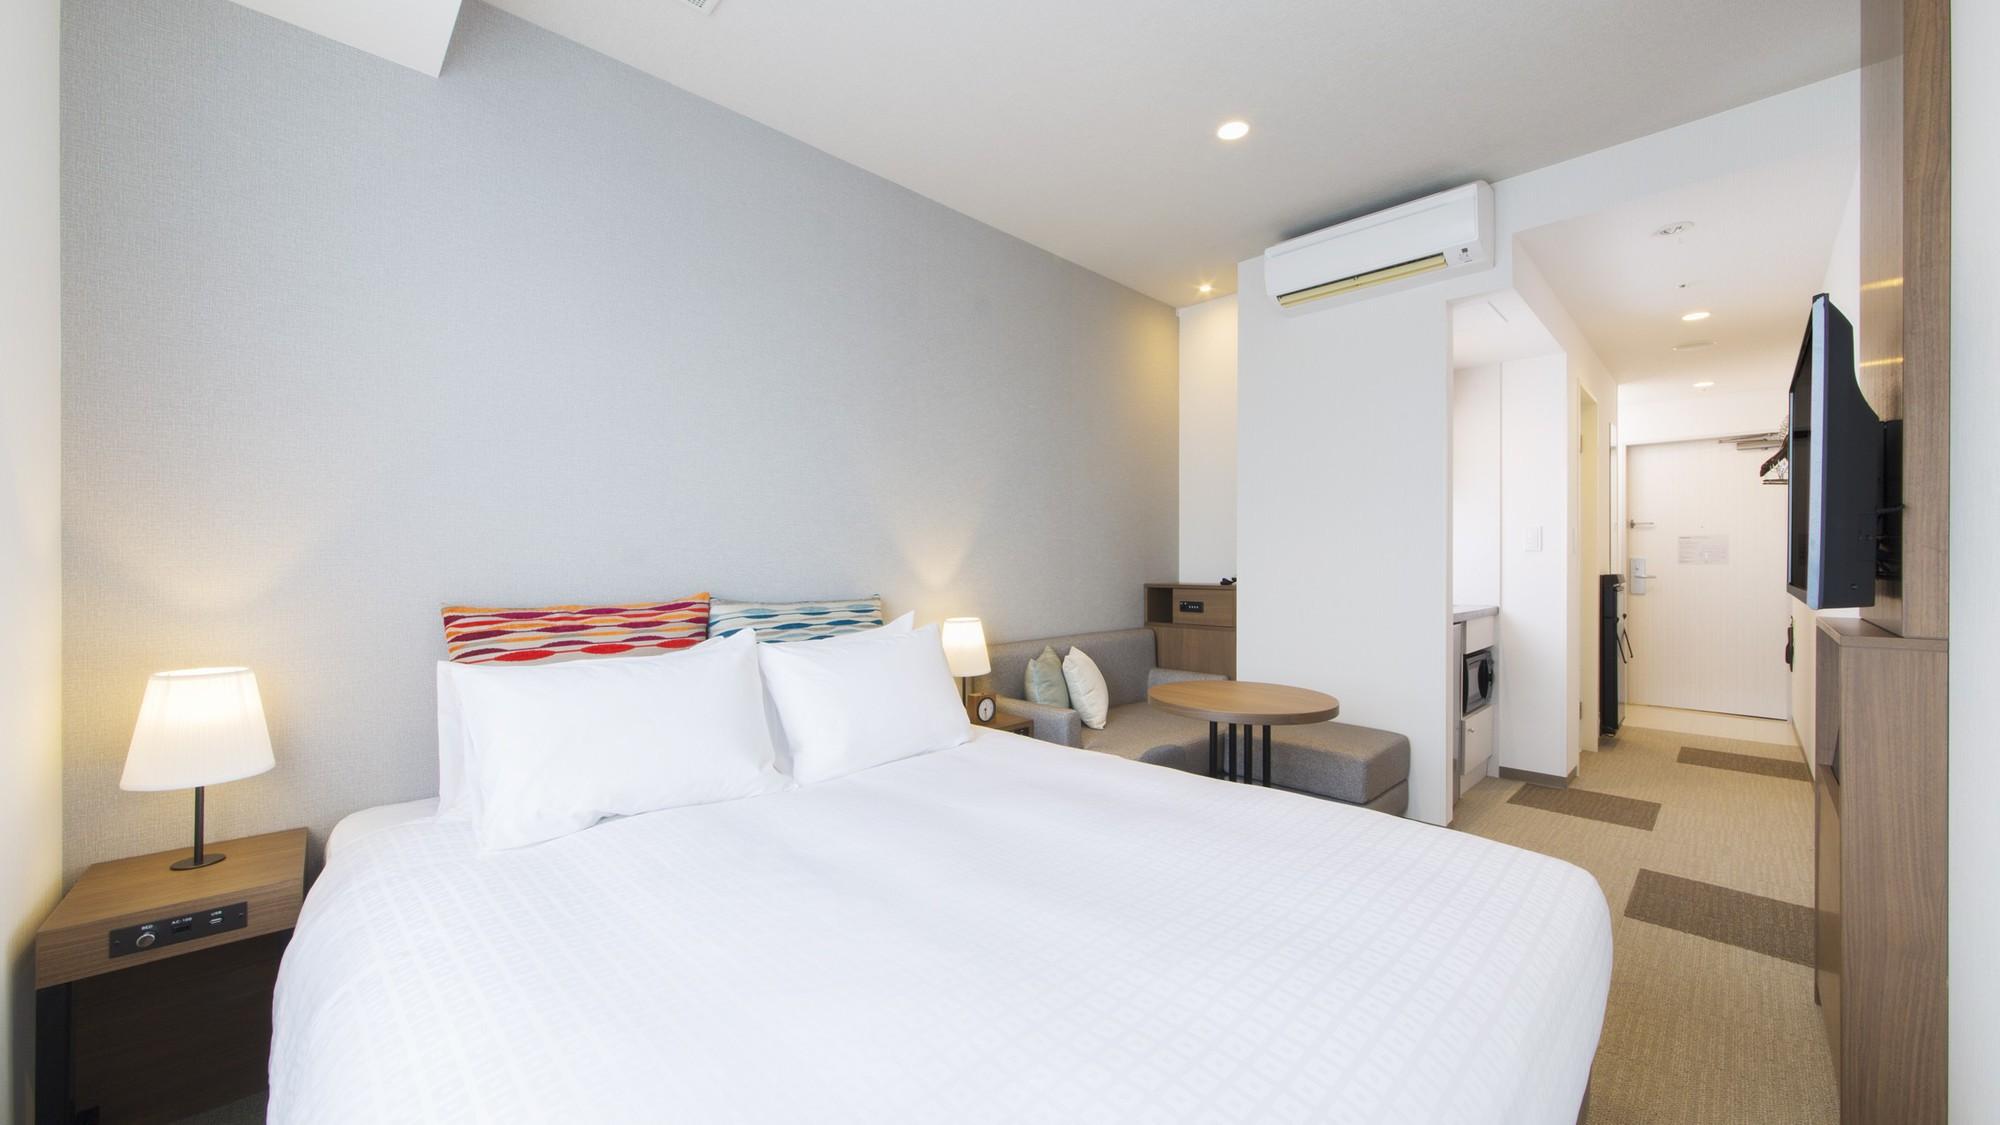 【プレミアダブル】1,600mm幅のベッドがあり、お二人でもゆったりとお泊りいただけます♪